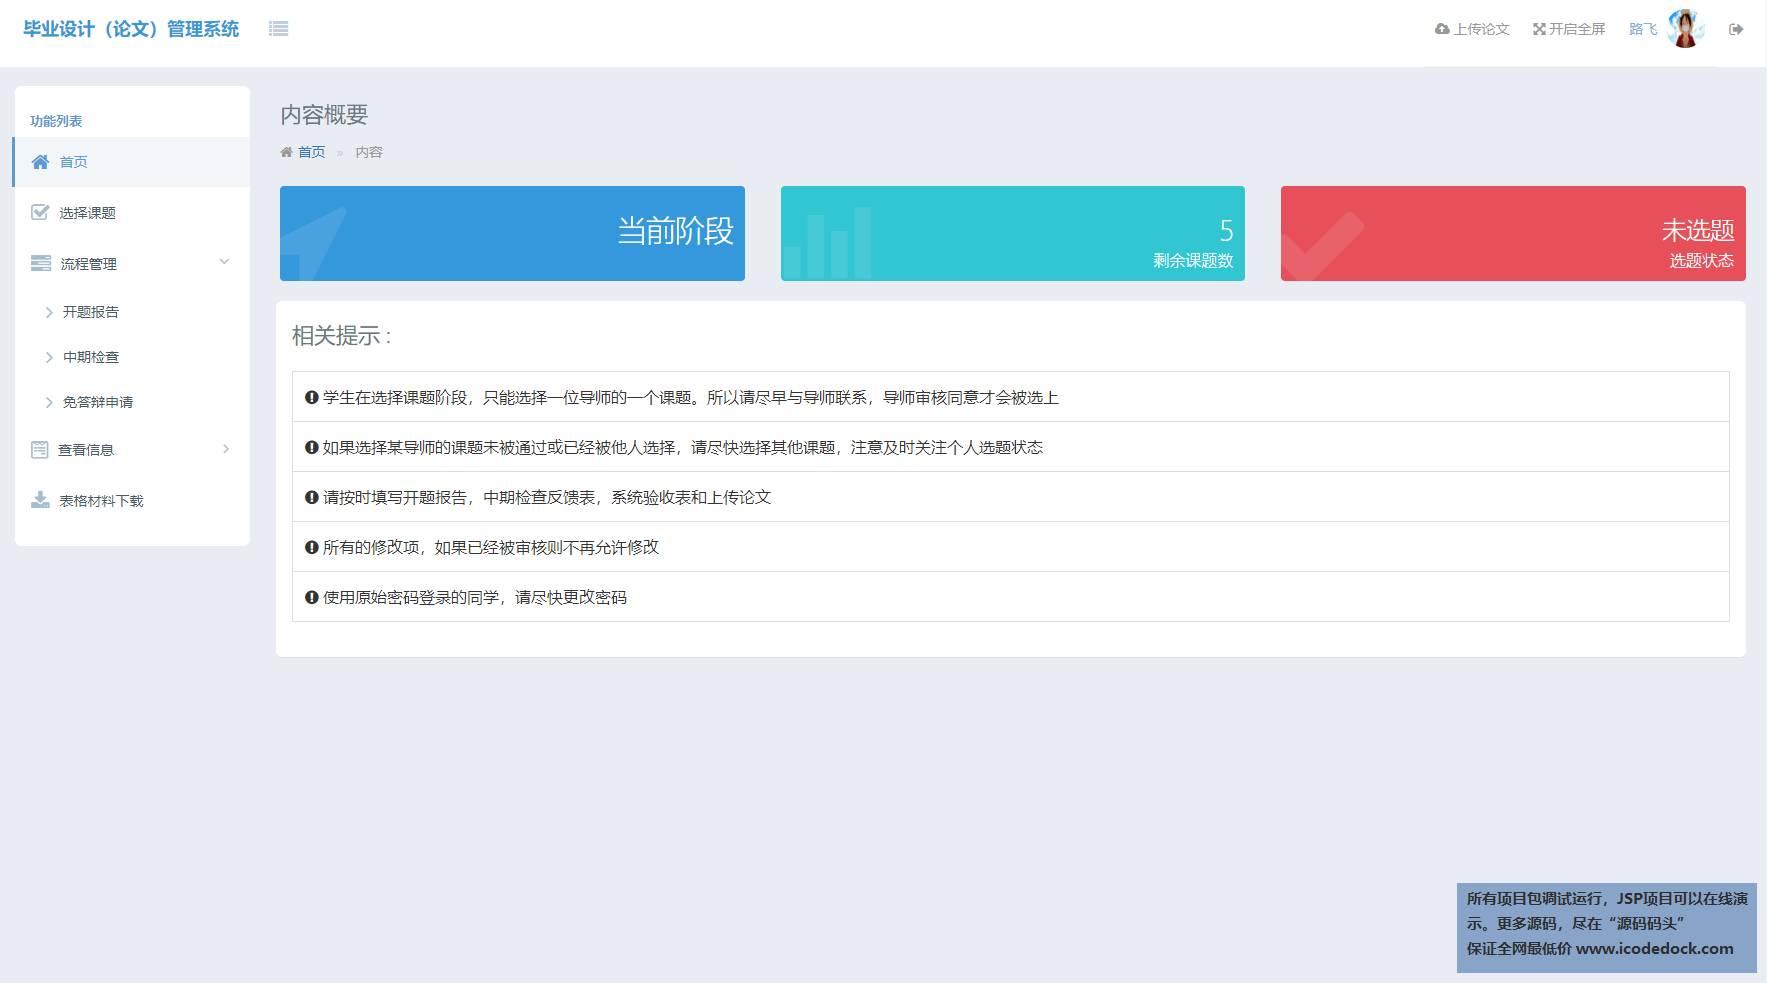 源码码头-SSM毕业设计管理系统v2-用户角色-登录后学生主页面